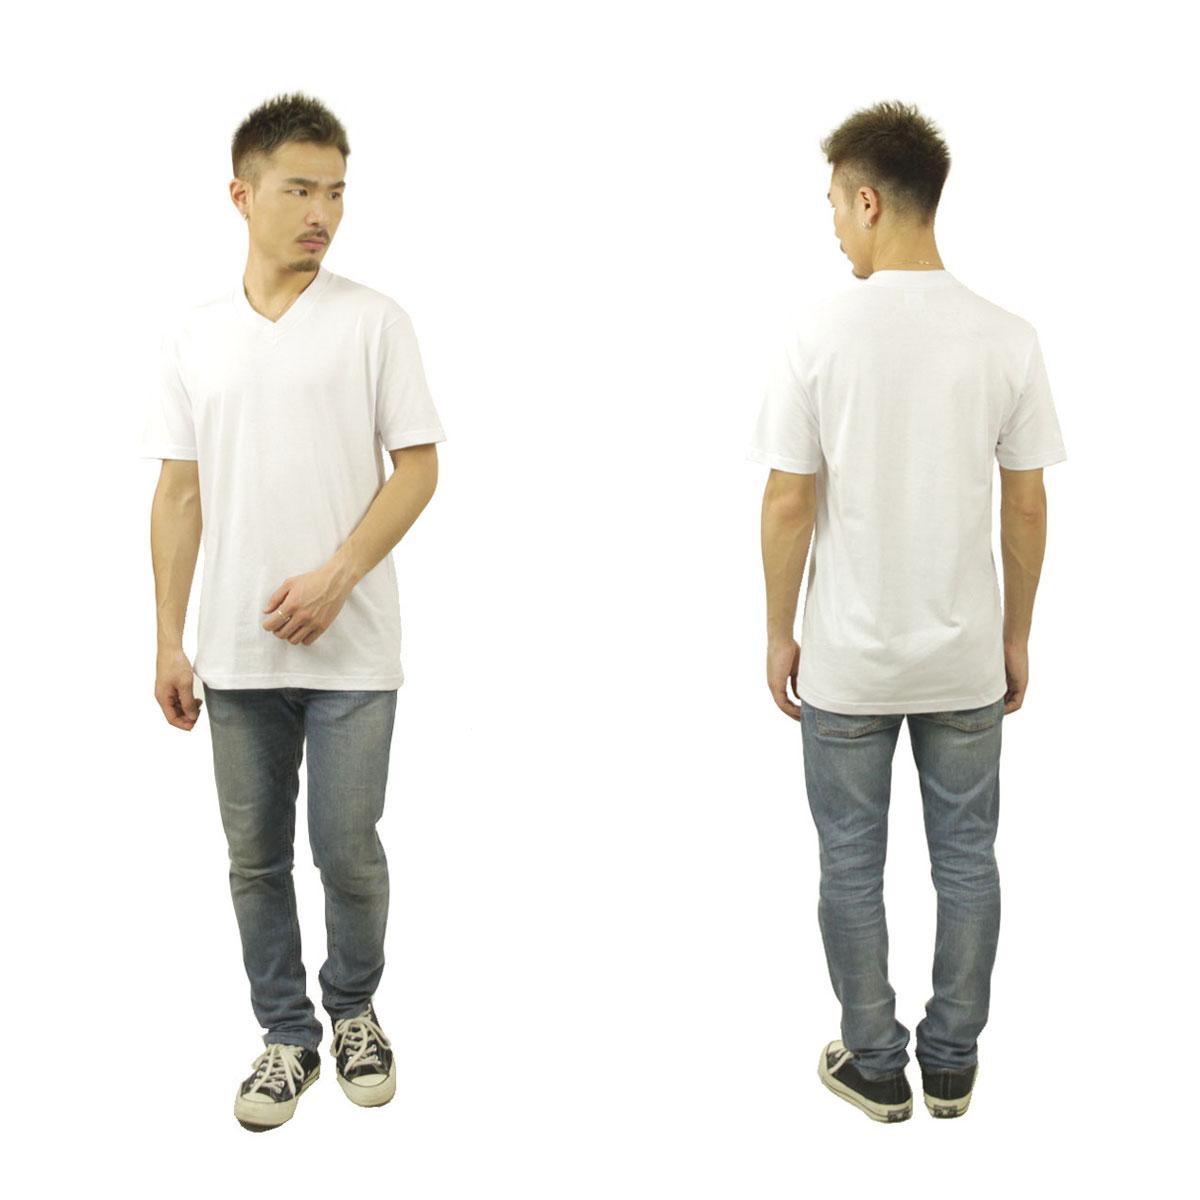 プロクラブ Tシャツ メンズ 正規販売店 PROCLUB 半袖Tシャツ VネックTシャツ COMFORT SHORT SLEEVE V-NECK TEE WHITE #106 AB6B B1C C1D D1E E01F